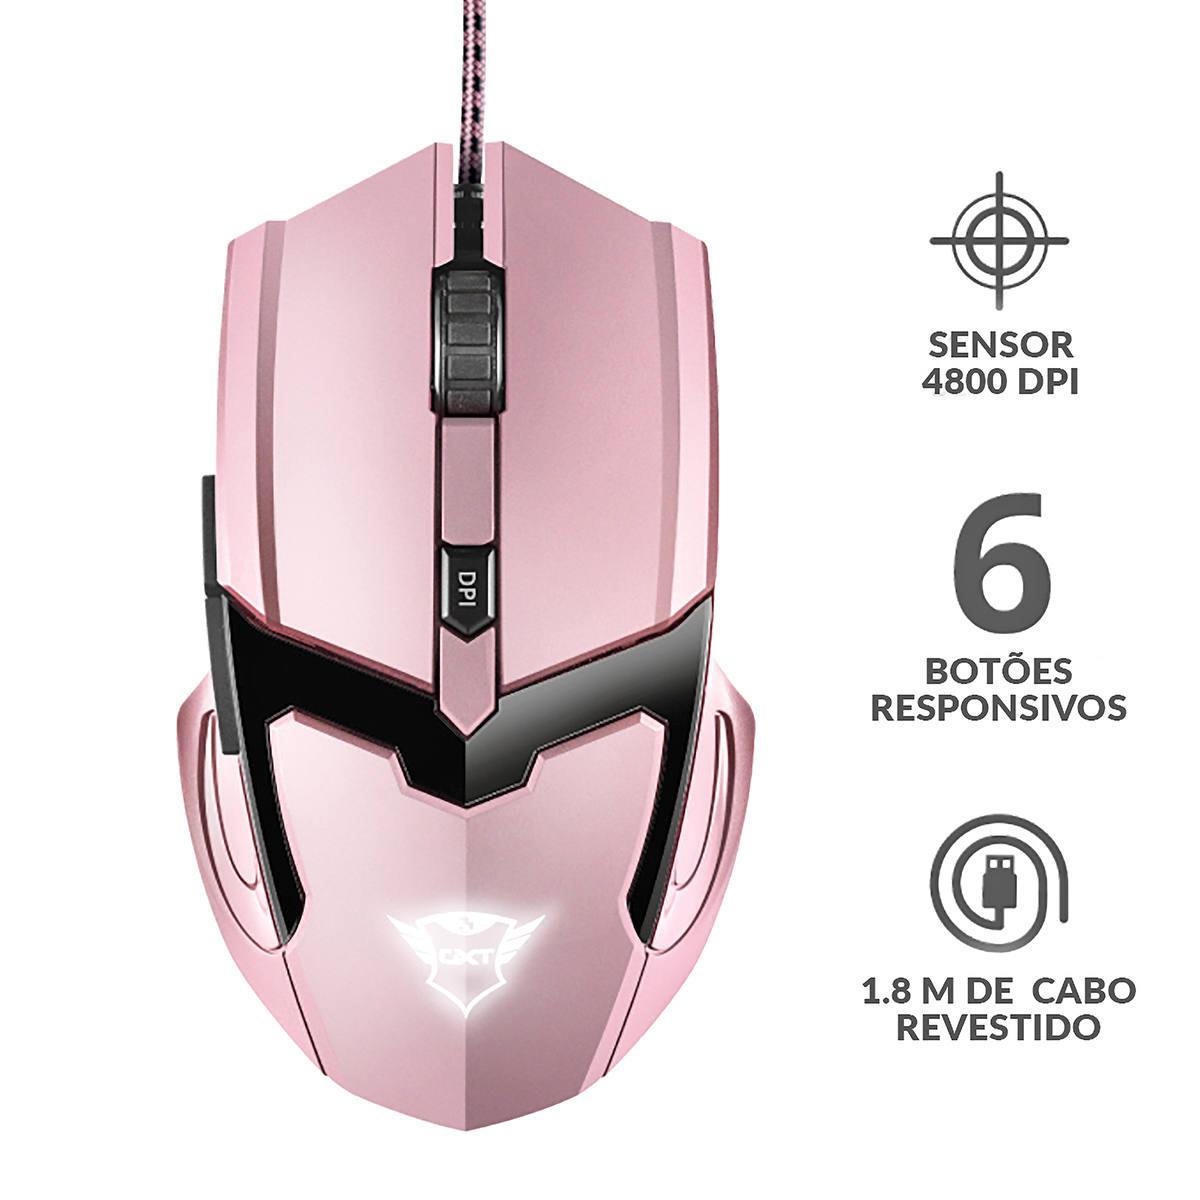 Mouse Gamer 4800 DPI com Fio Precisão para Jogos DPI Ajustável 6 Botões Trust GXT 101P GAV Pink